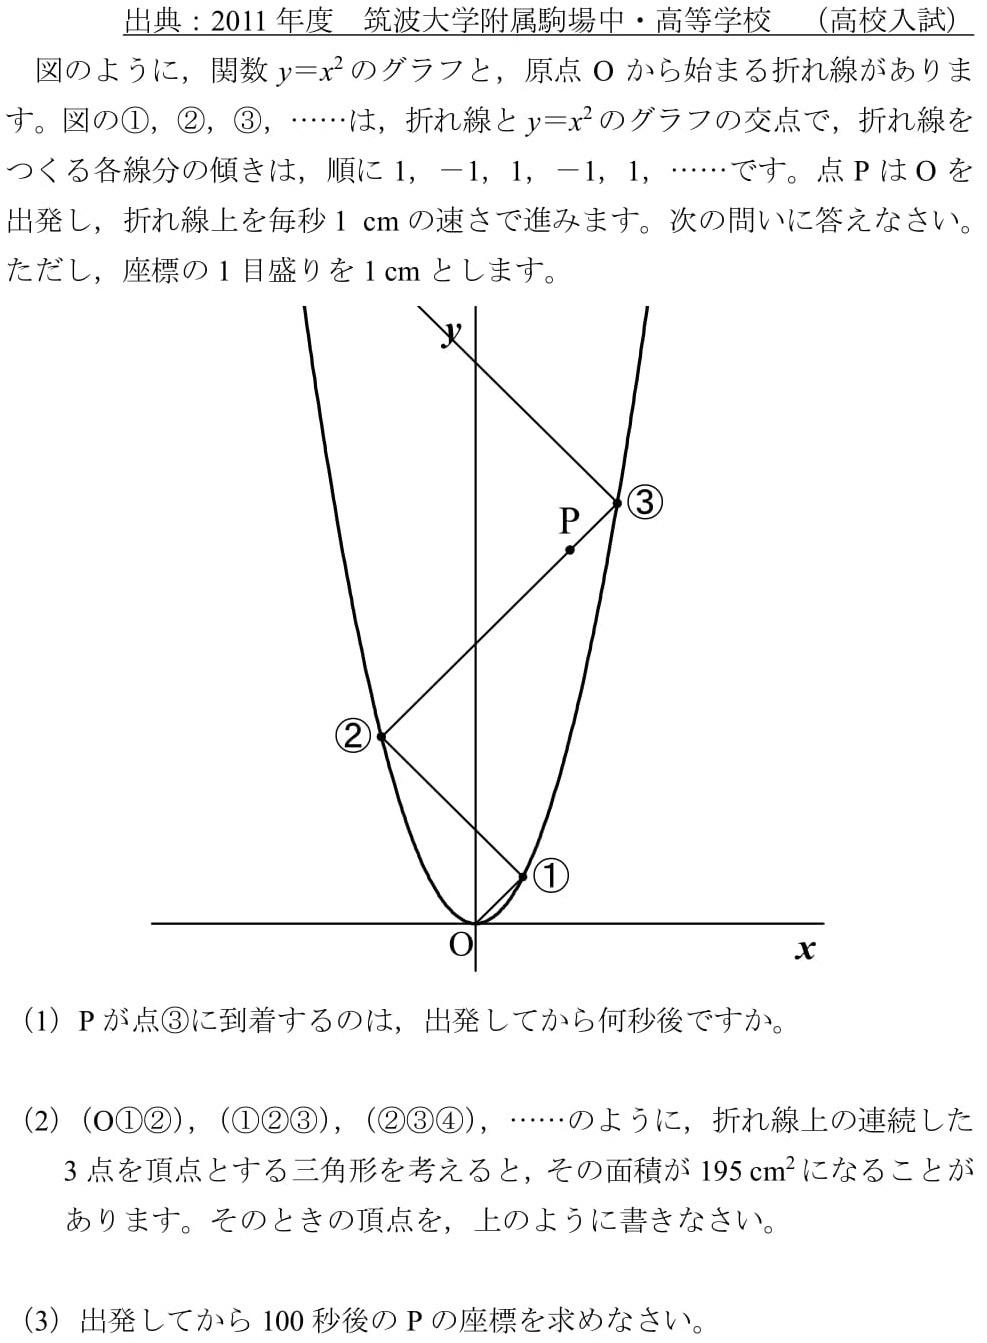 2011 筑駒 高校入試 関数 規則性